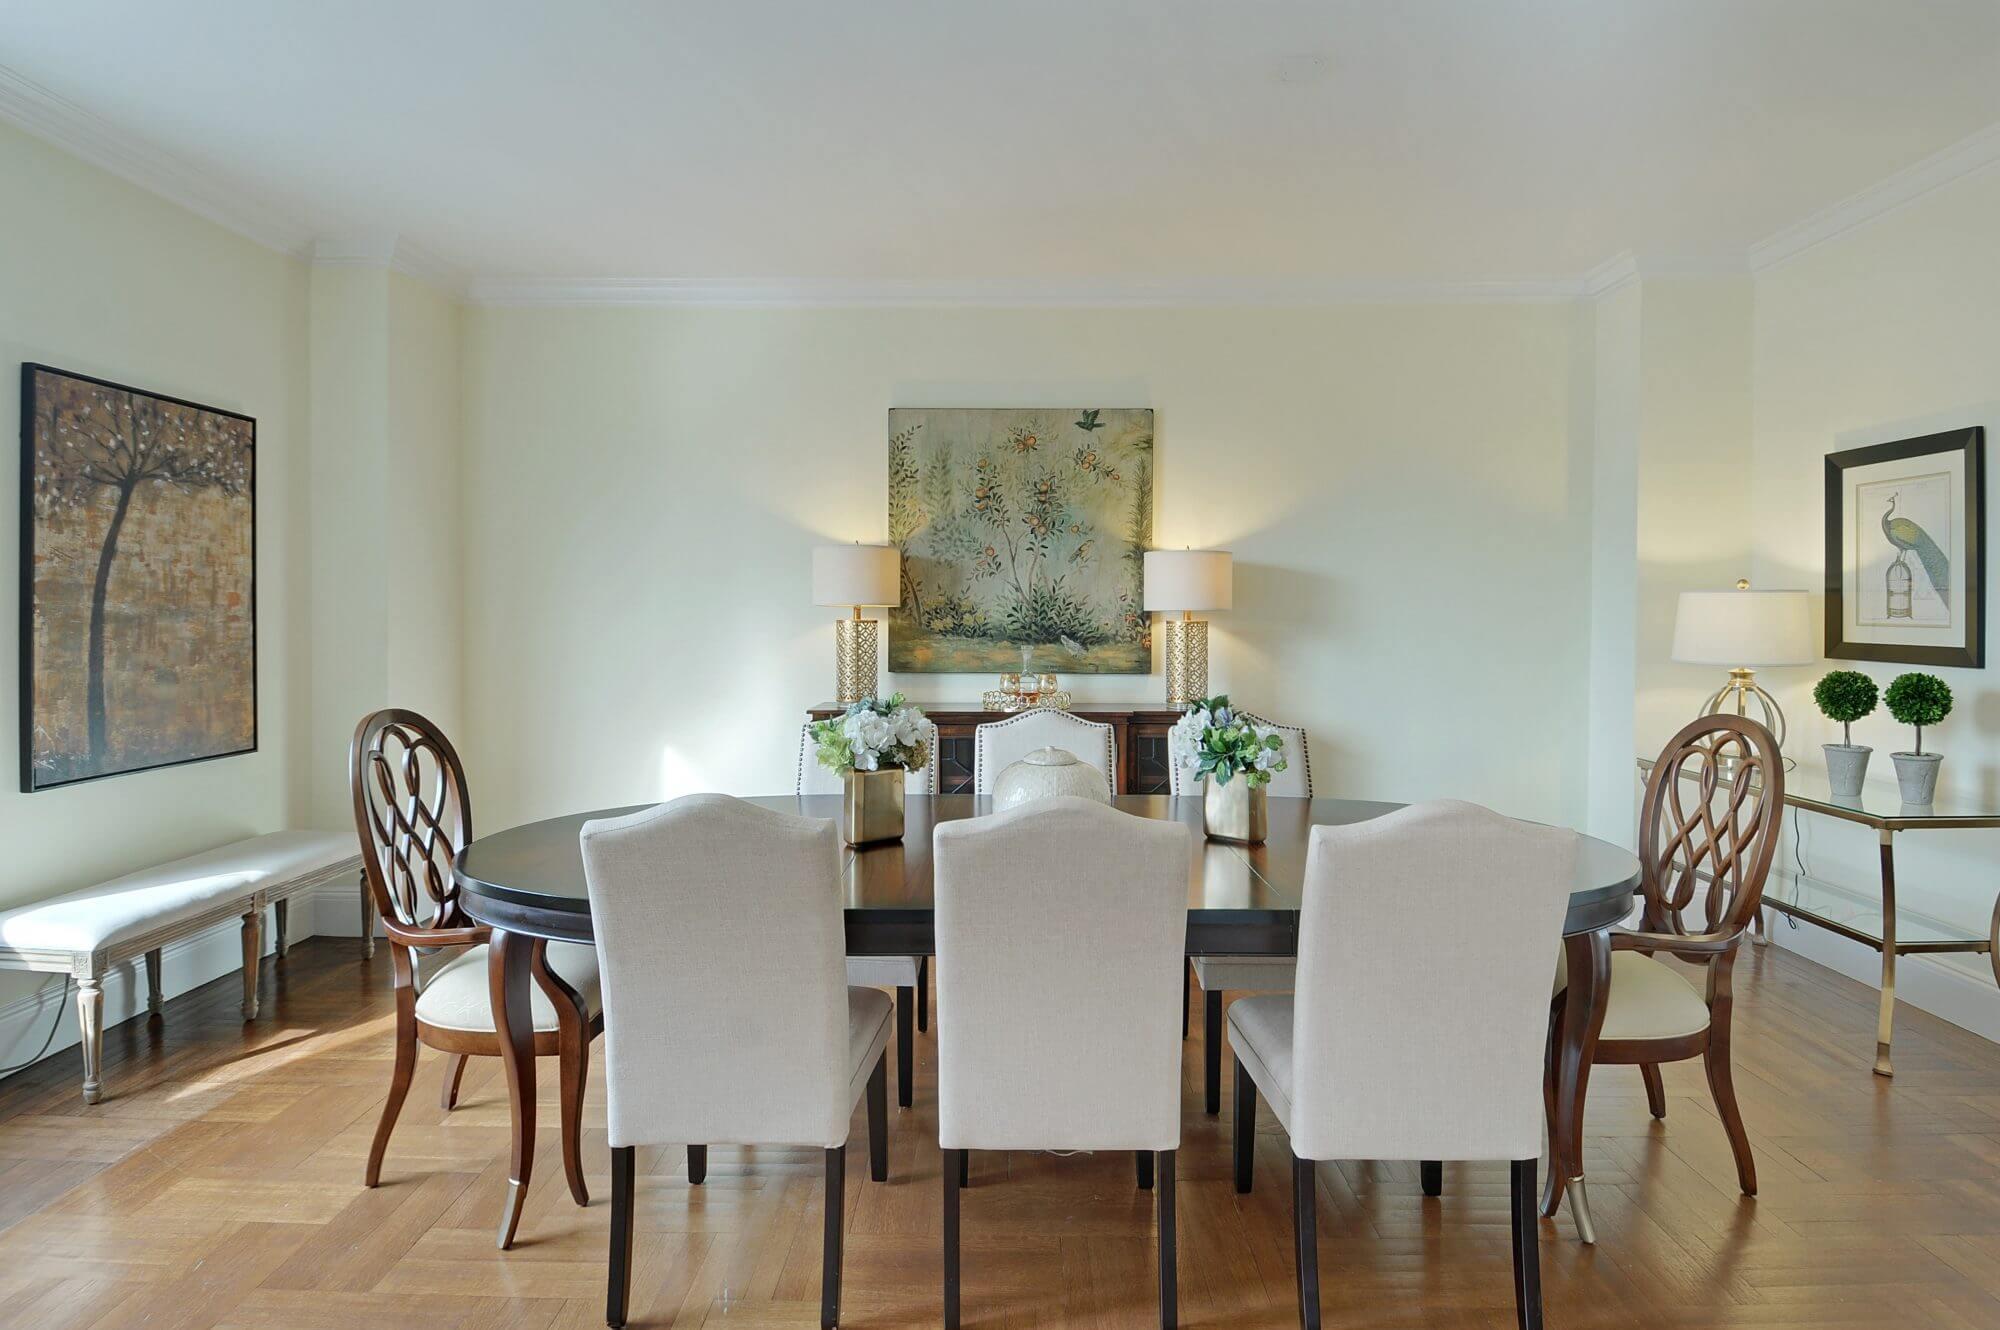 1120 Fifth Avenue Apt. 3C - Dining Area